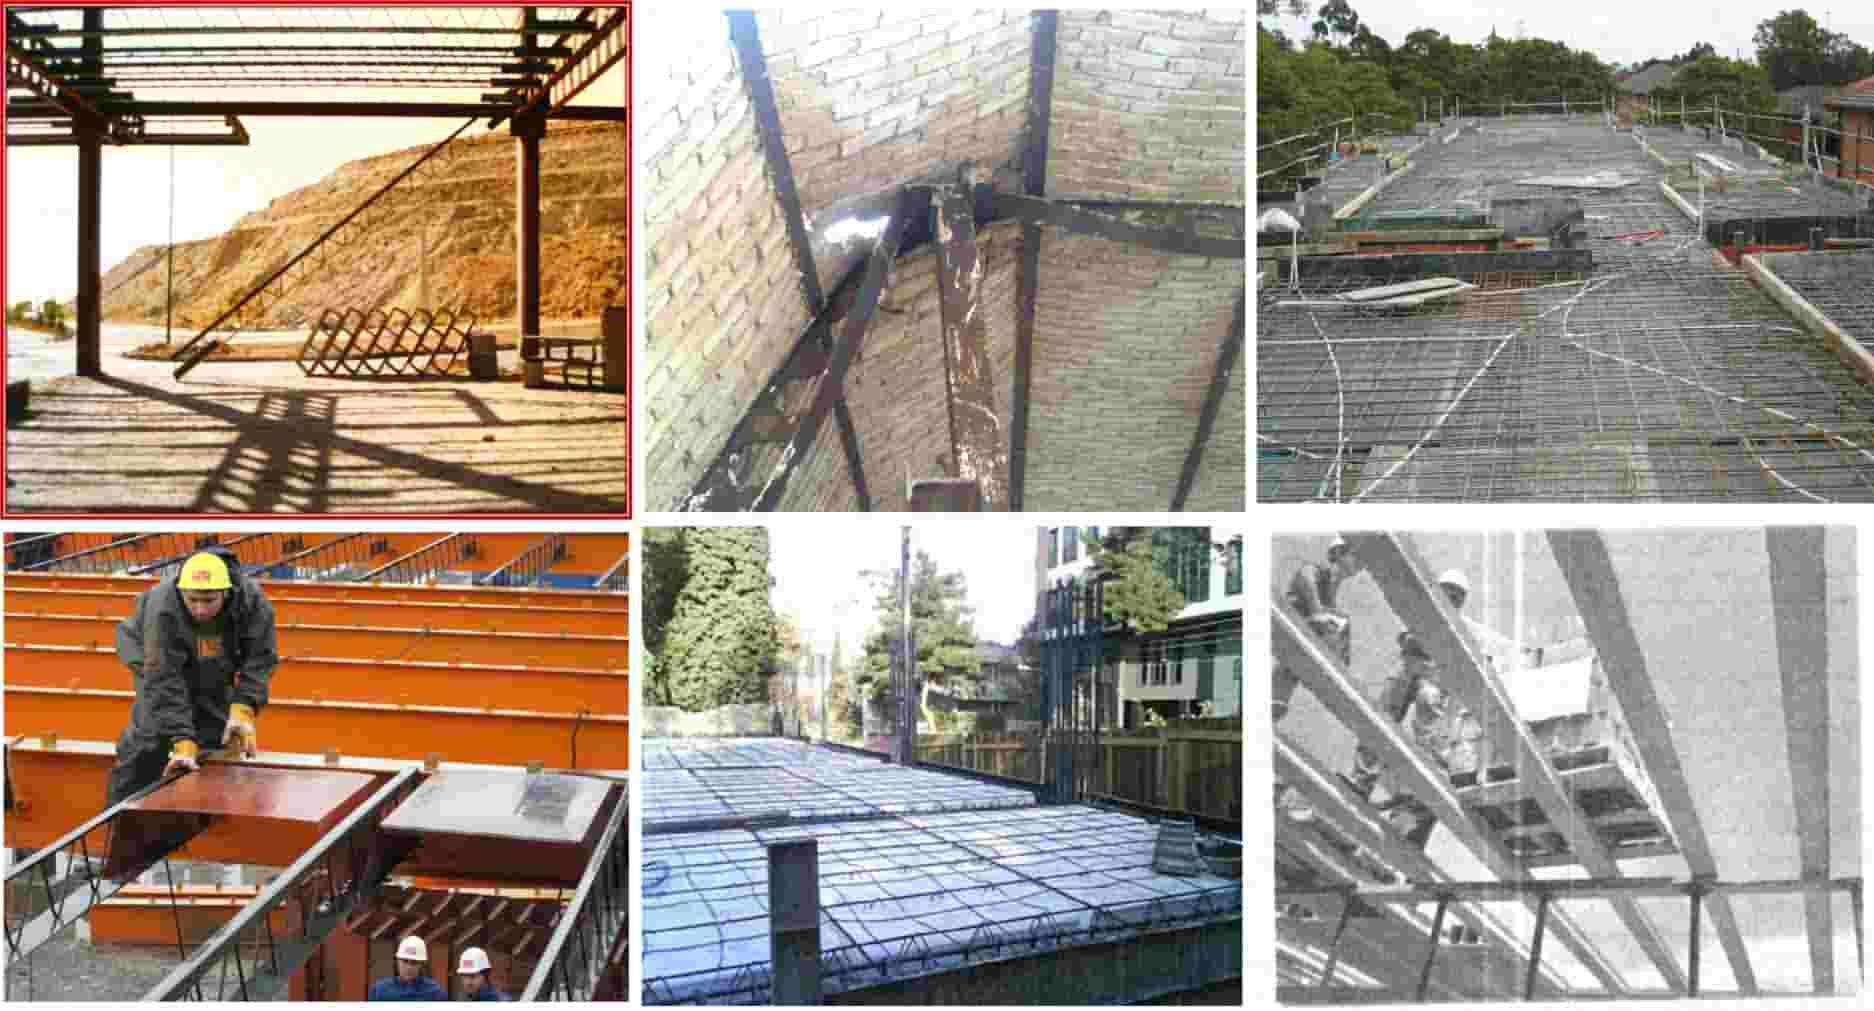 دانلود پاورپوینت بررسی انواع سقف ها در سازه های فولادی و بتنی